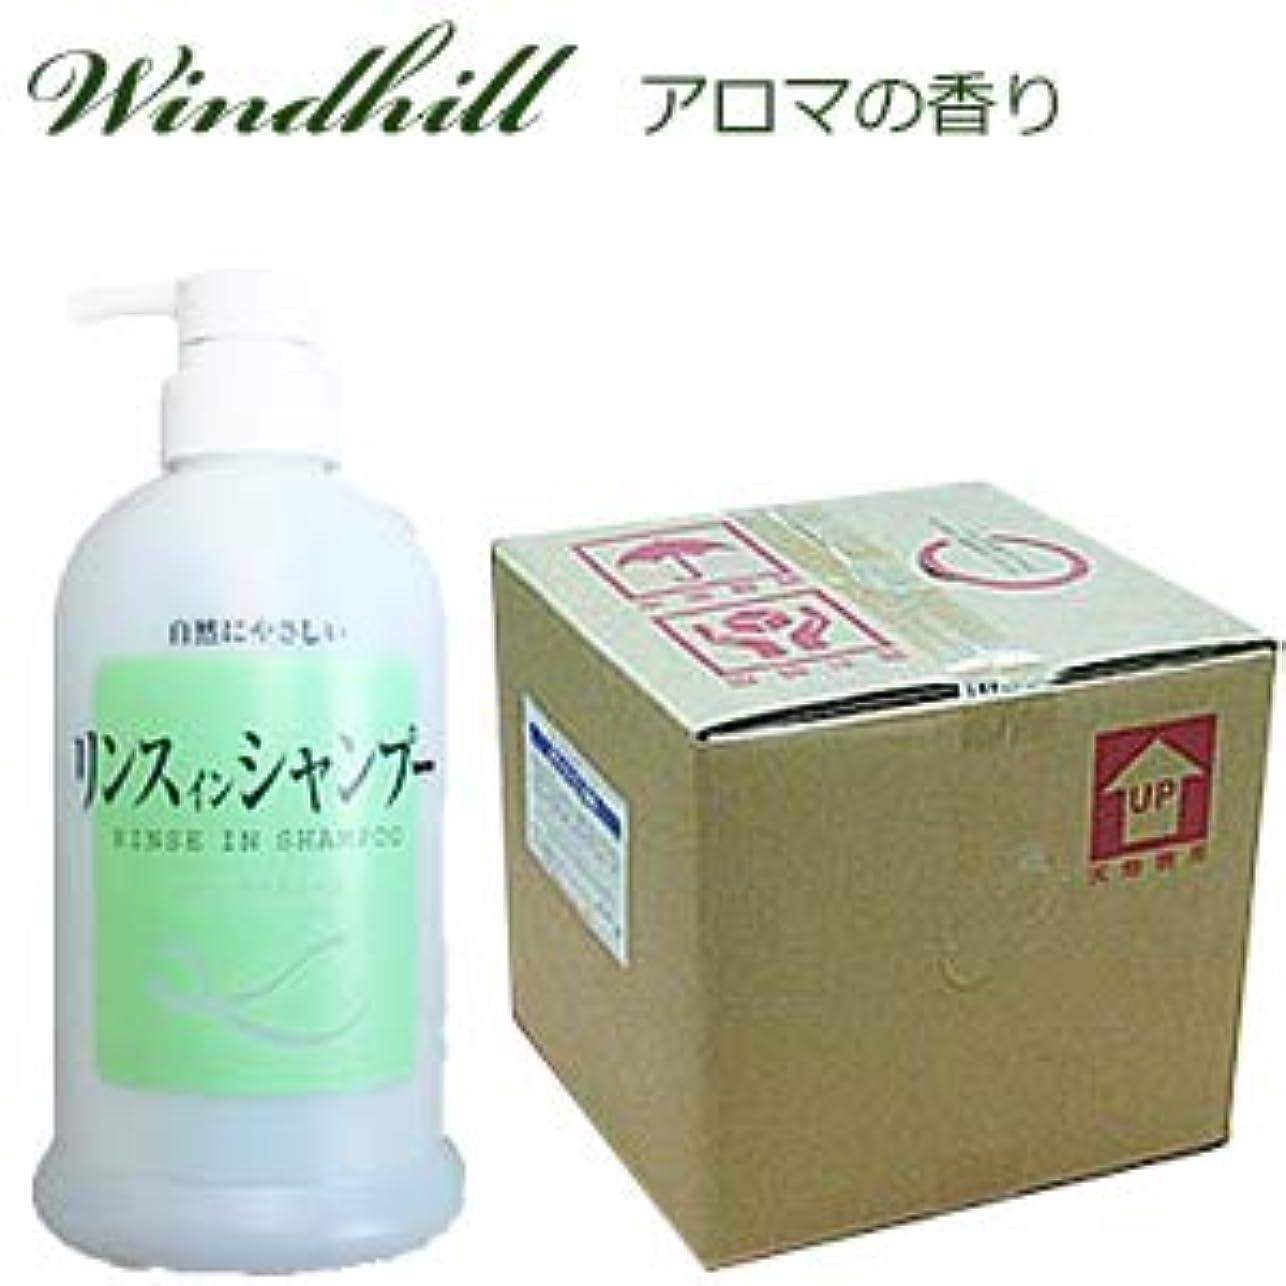 ジョグ明るいうまなんと! 500ml当り188円 Windhill 植物性業務用 リンスインシャンプー 紅茶を思うアロマの香り 20L